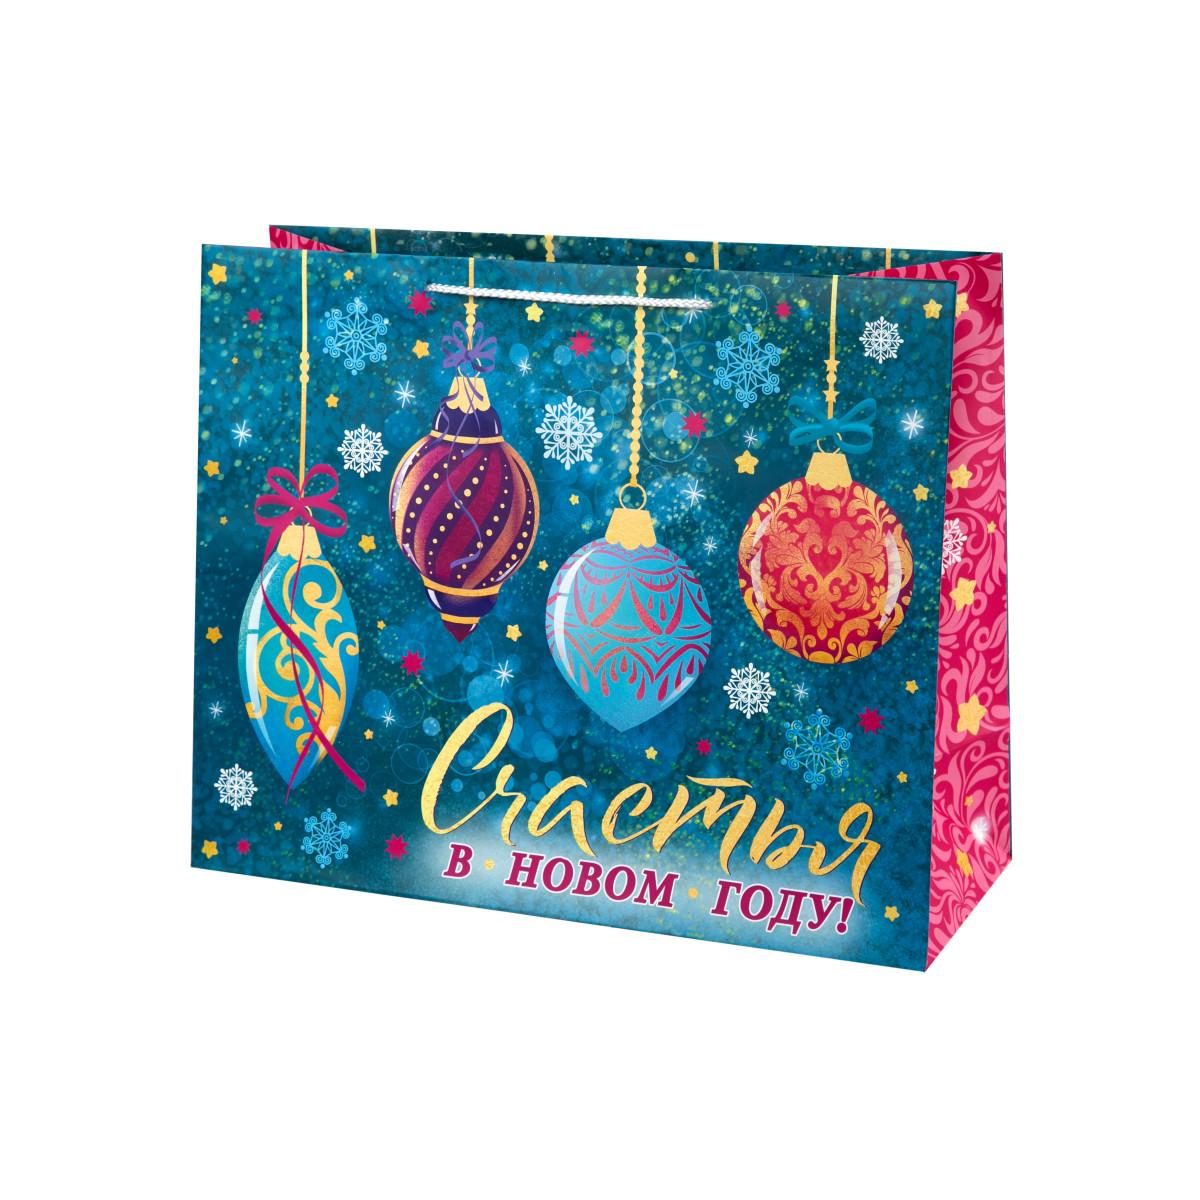 Пакет подарочный Счастья в новом году 41x33 см